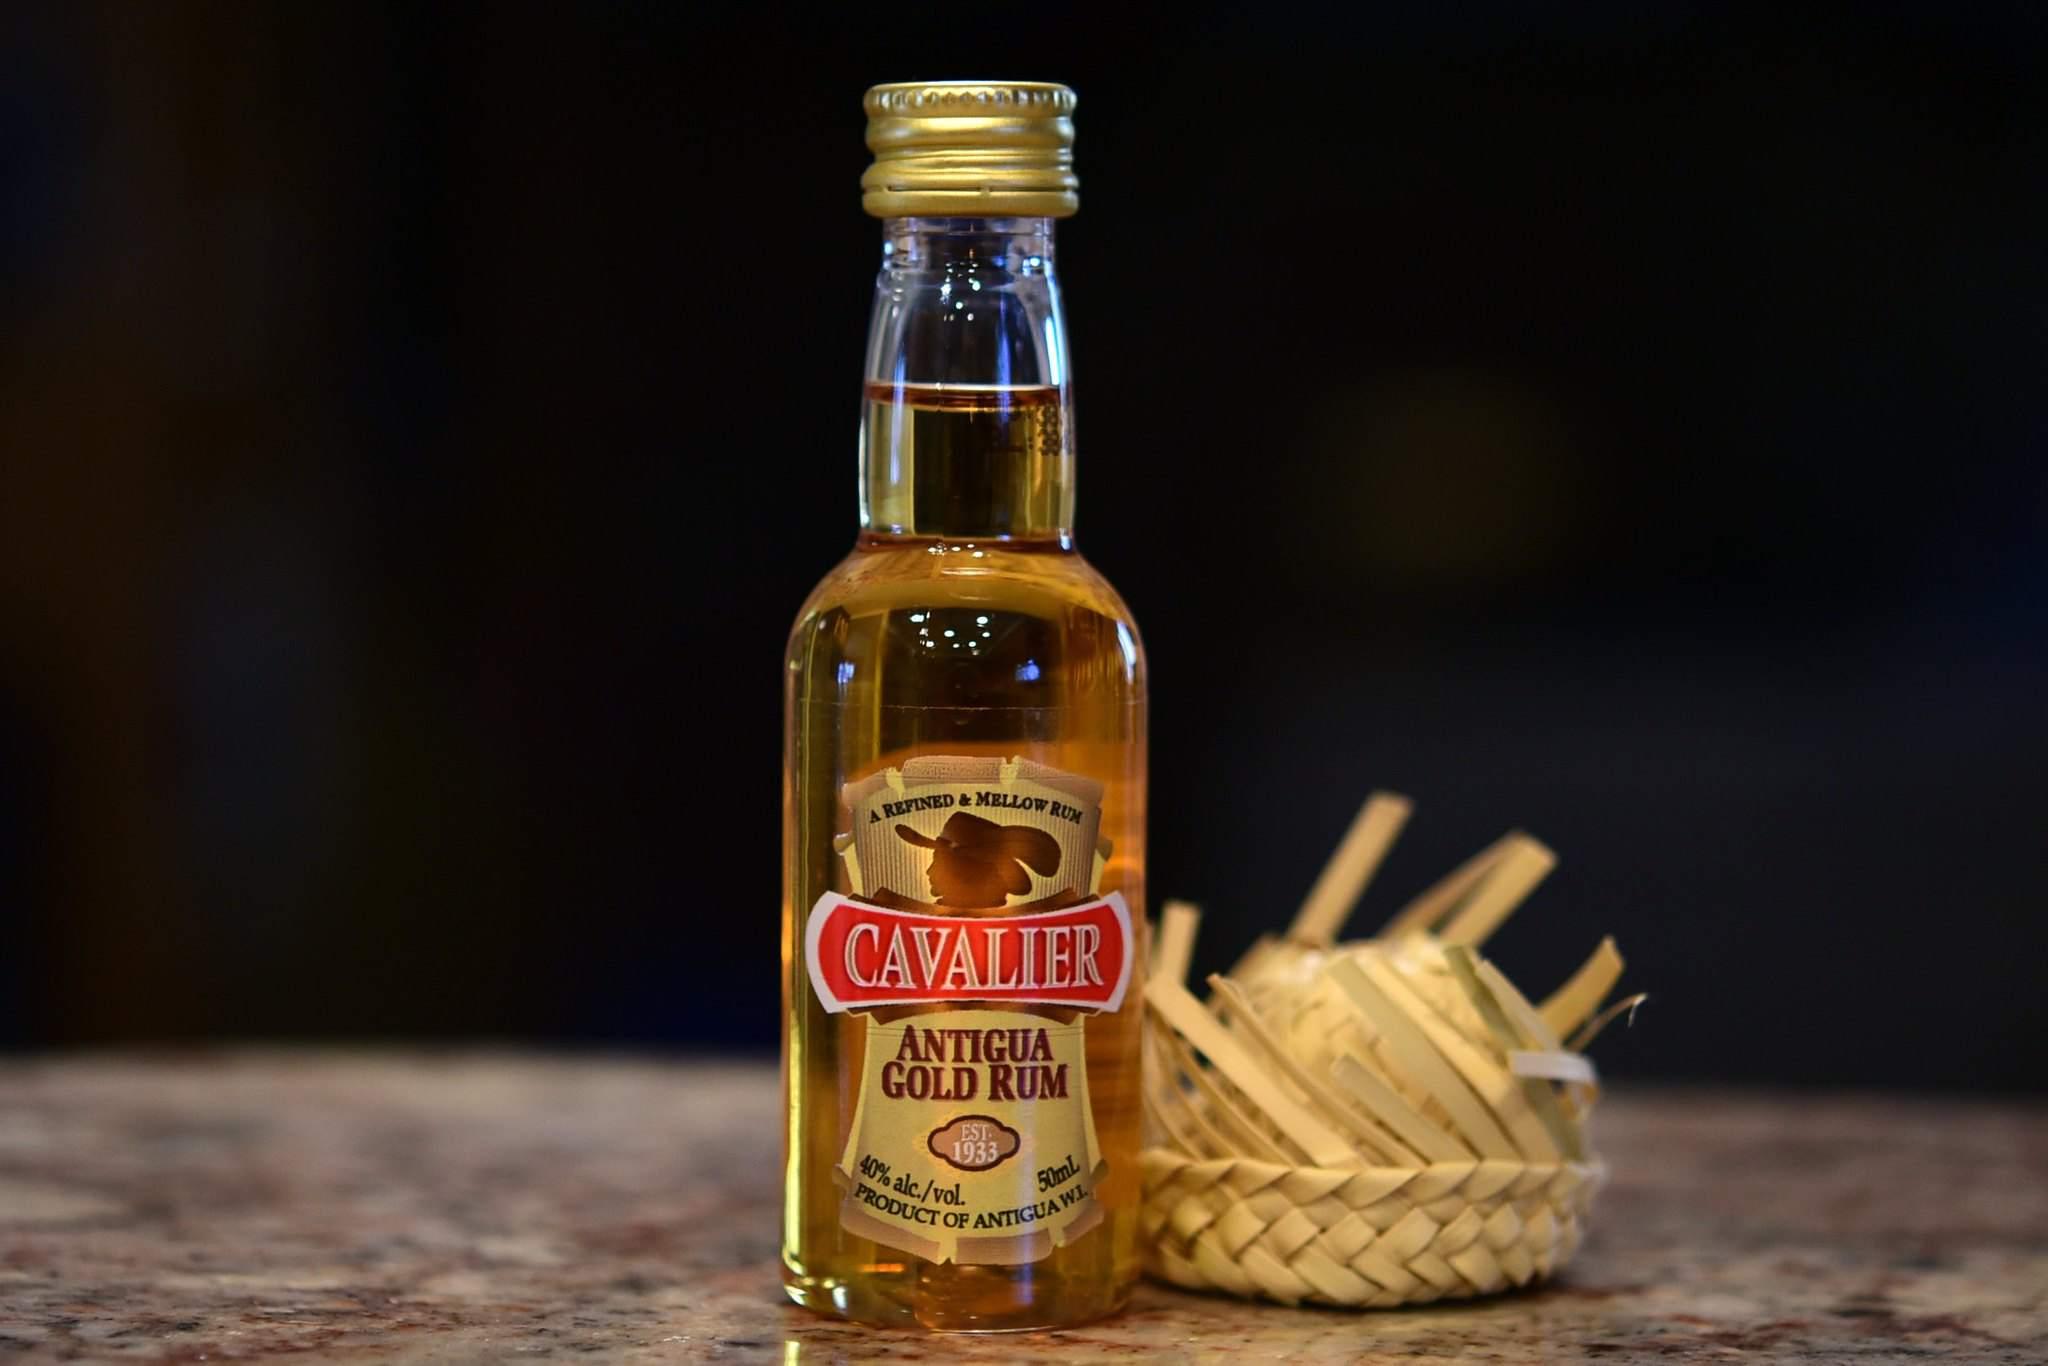 Cavalier rum product shot